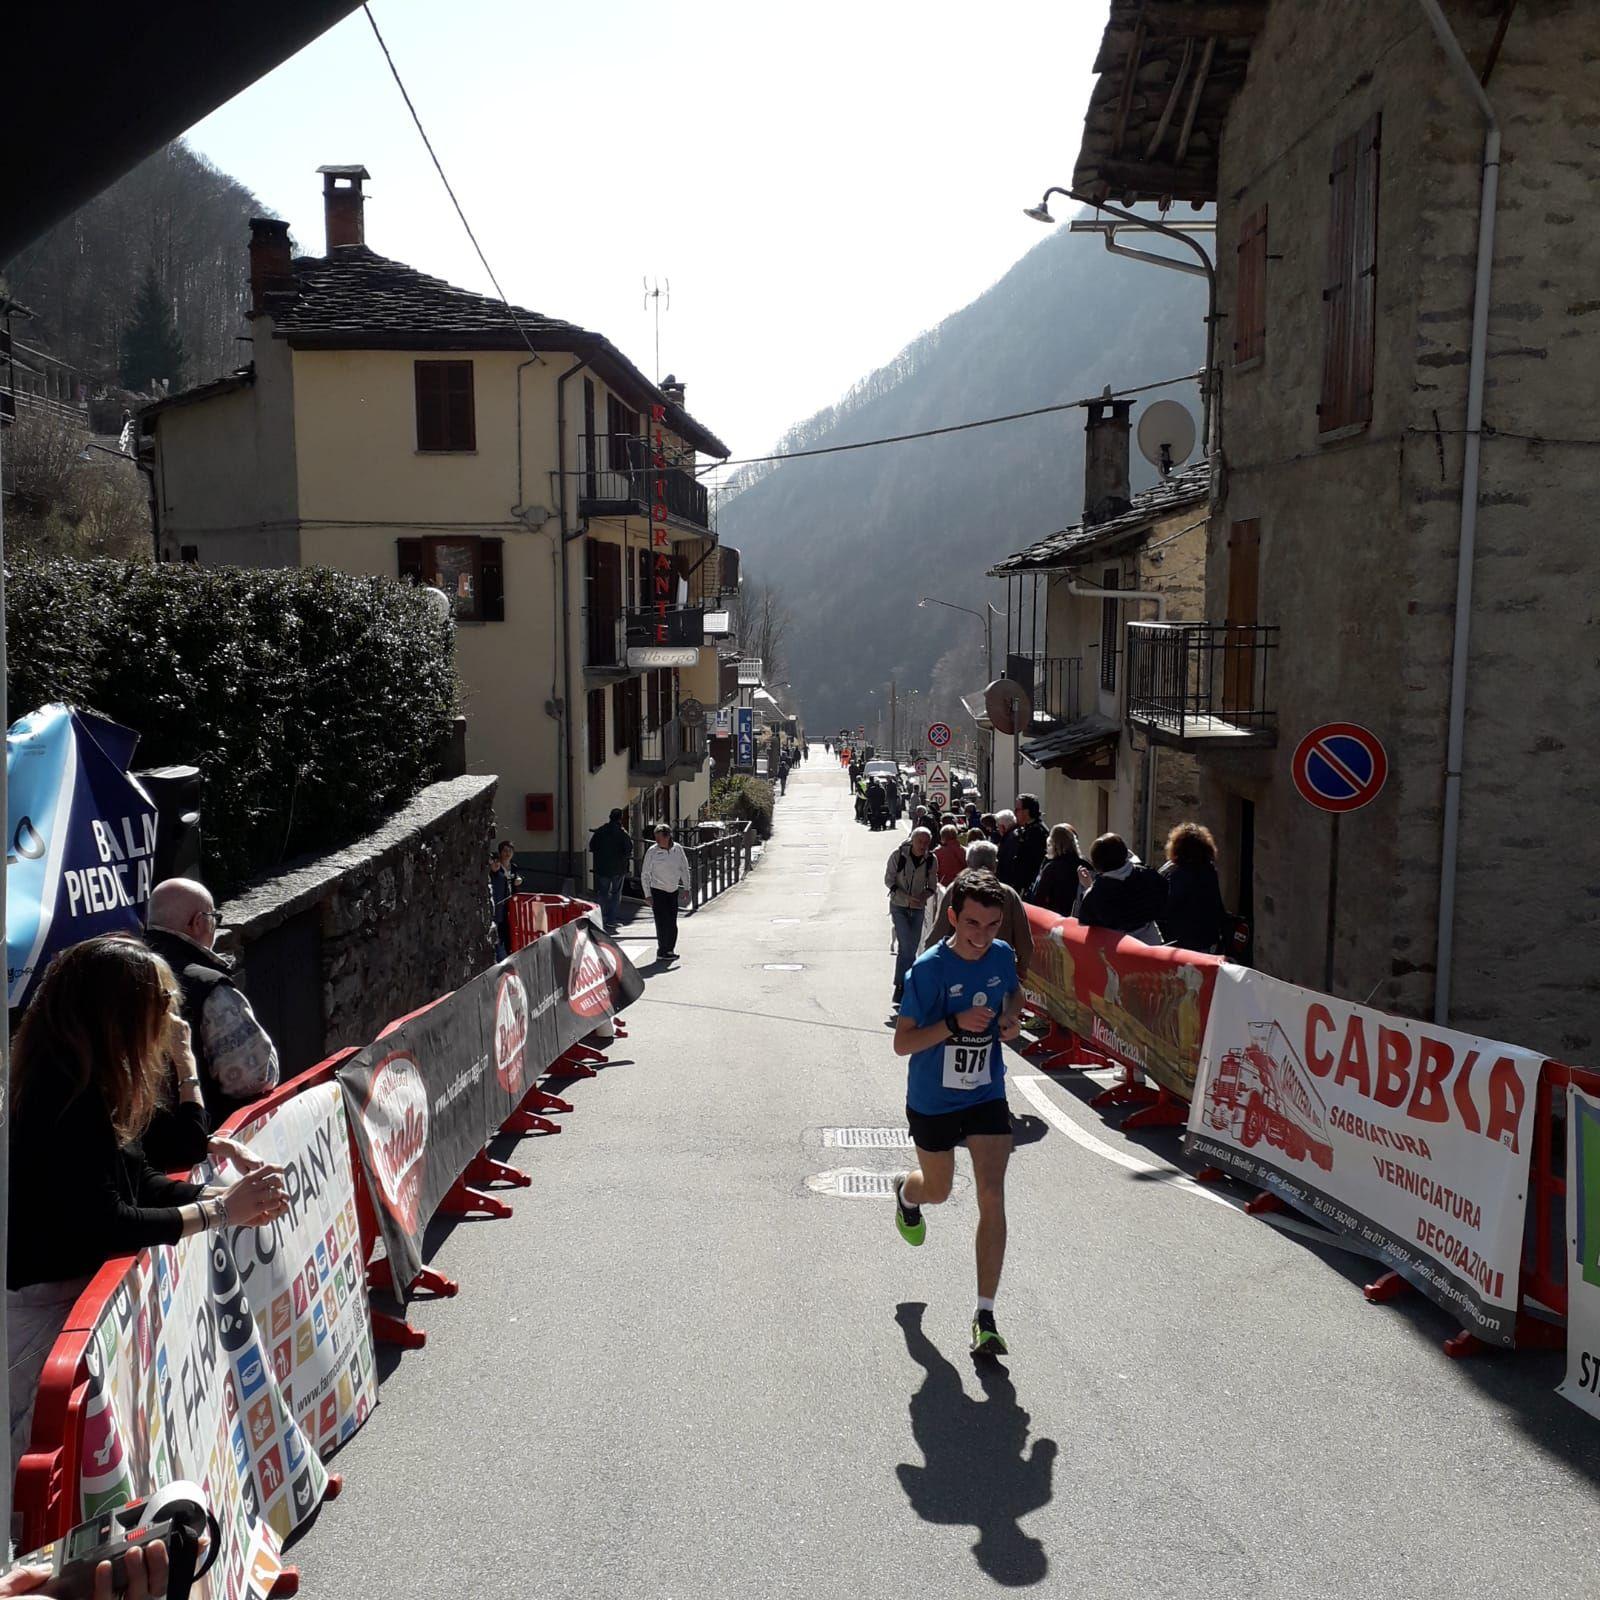 ATLETICA LEGGERA - Niccolò Biazzetti vince la Balma/Piedicavallo a Biella